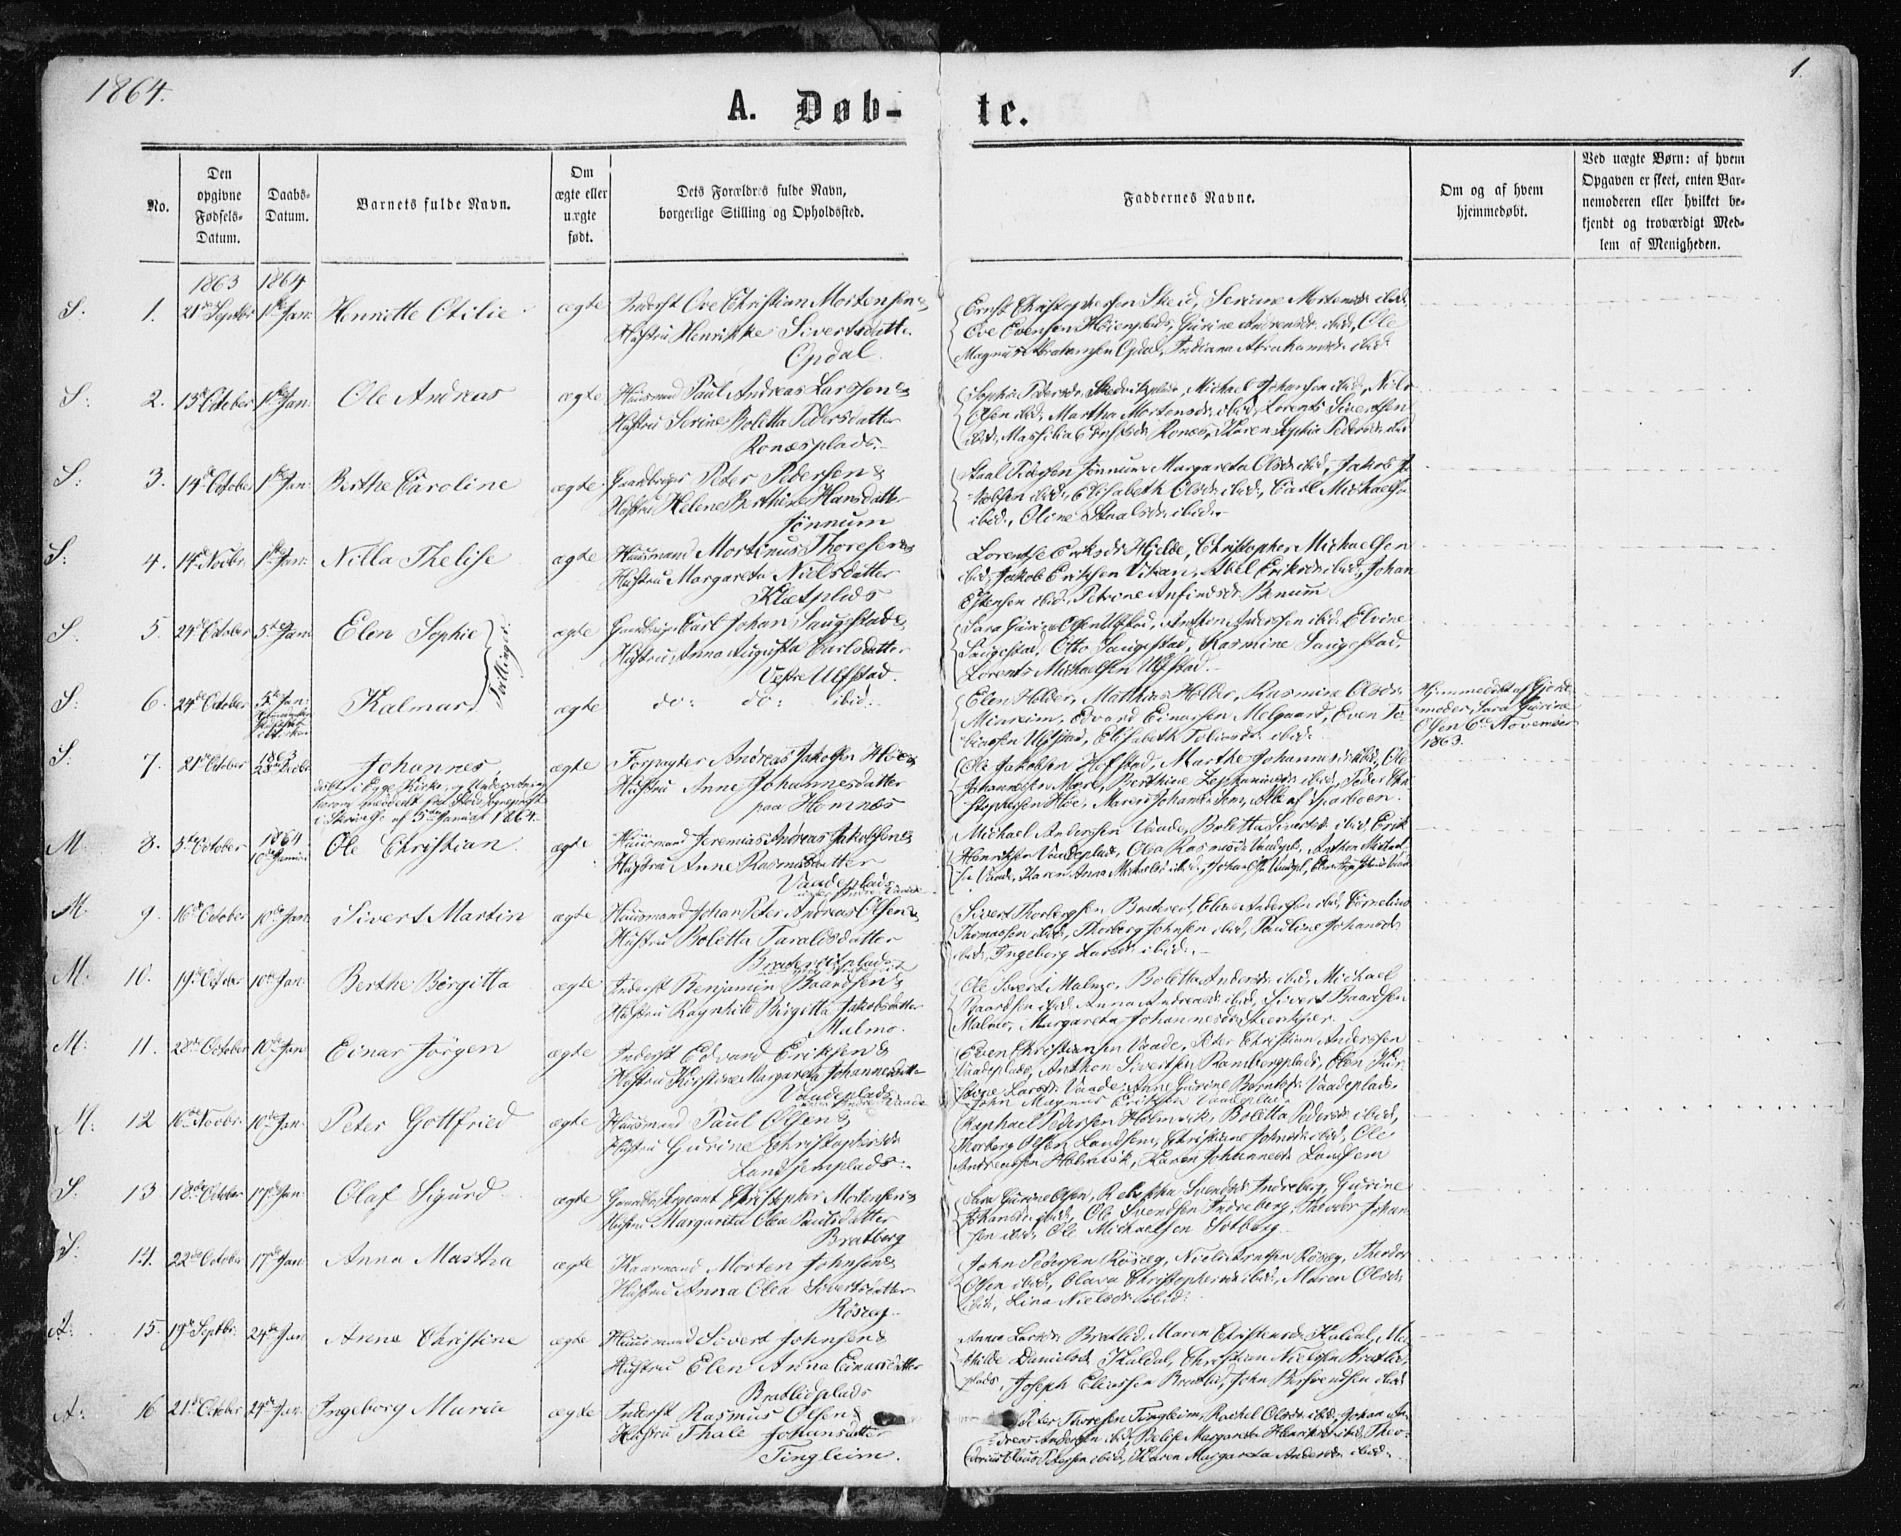 SAT, Ministerialprotokoller, klokkerbøker og fødselsregistre - Nord-Trøndelag, 741/L0394: Ministerialbok nr. 741A08, 1864-1877, s. 1